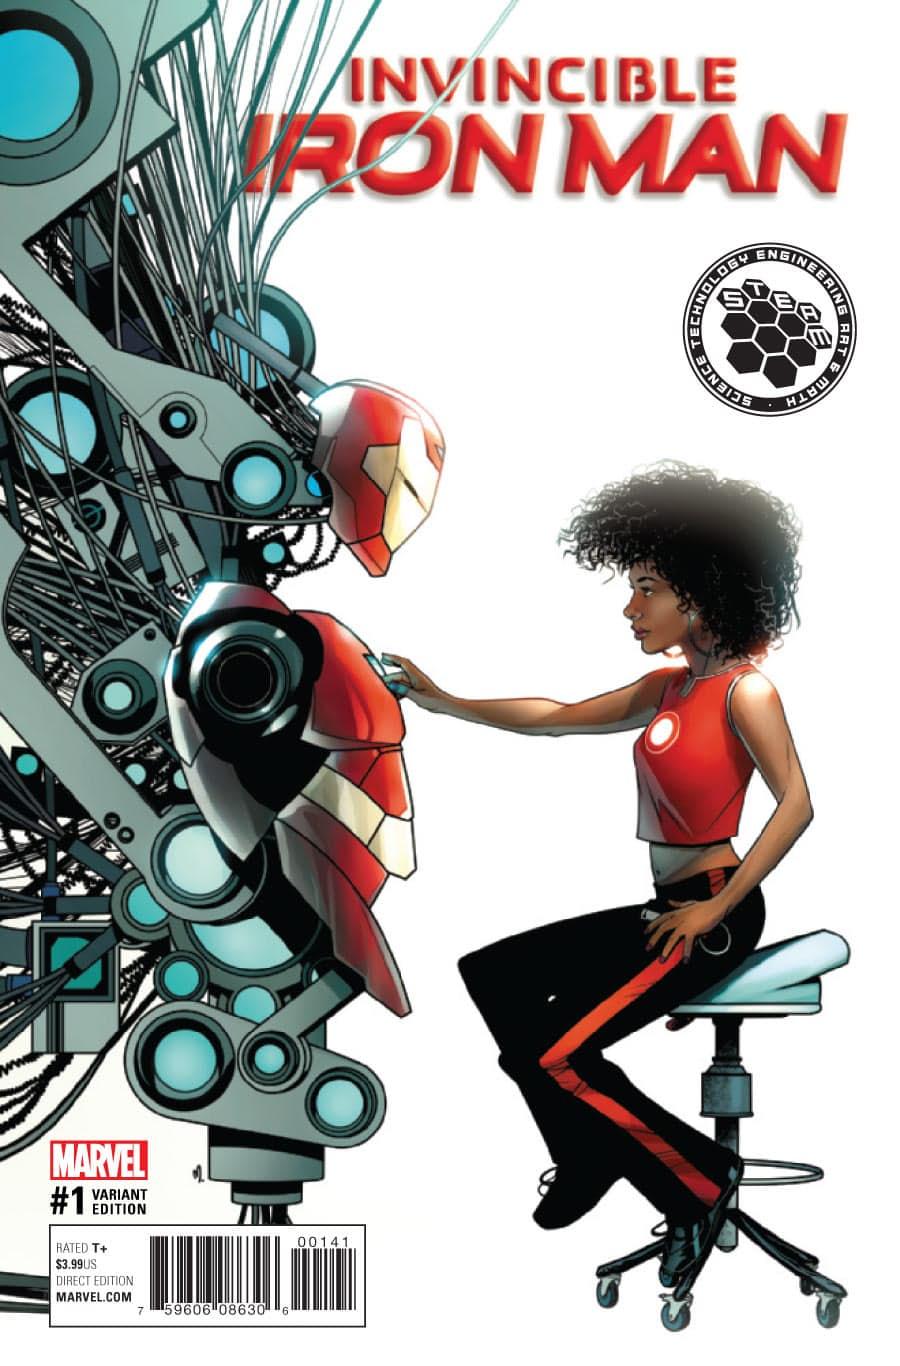 Invincible Iron Man #1: A estreia da Ironhearth capa